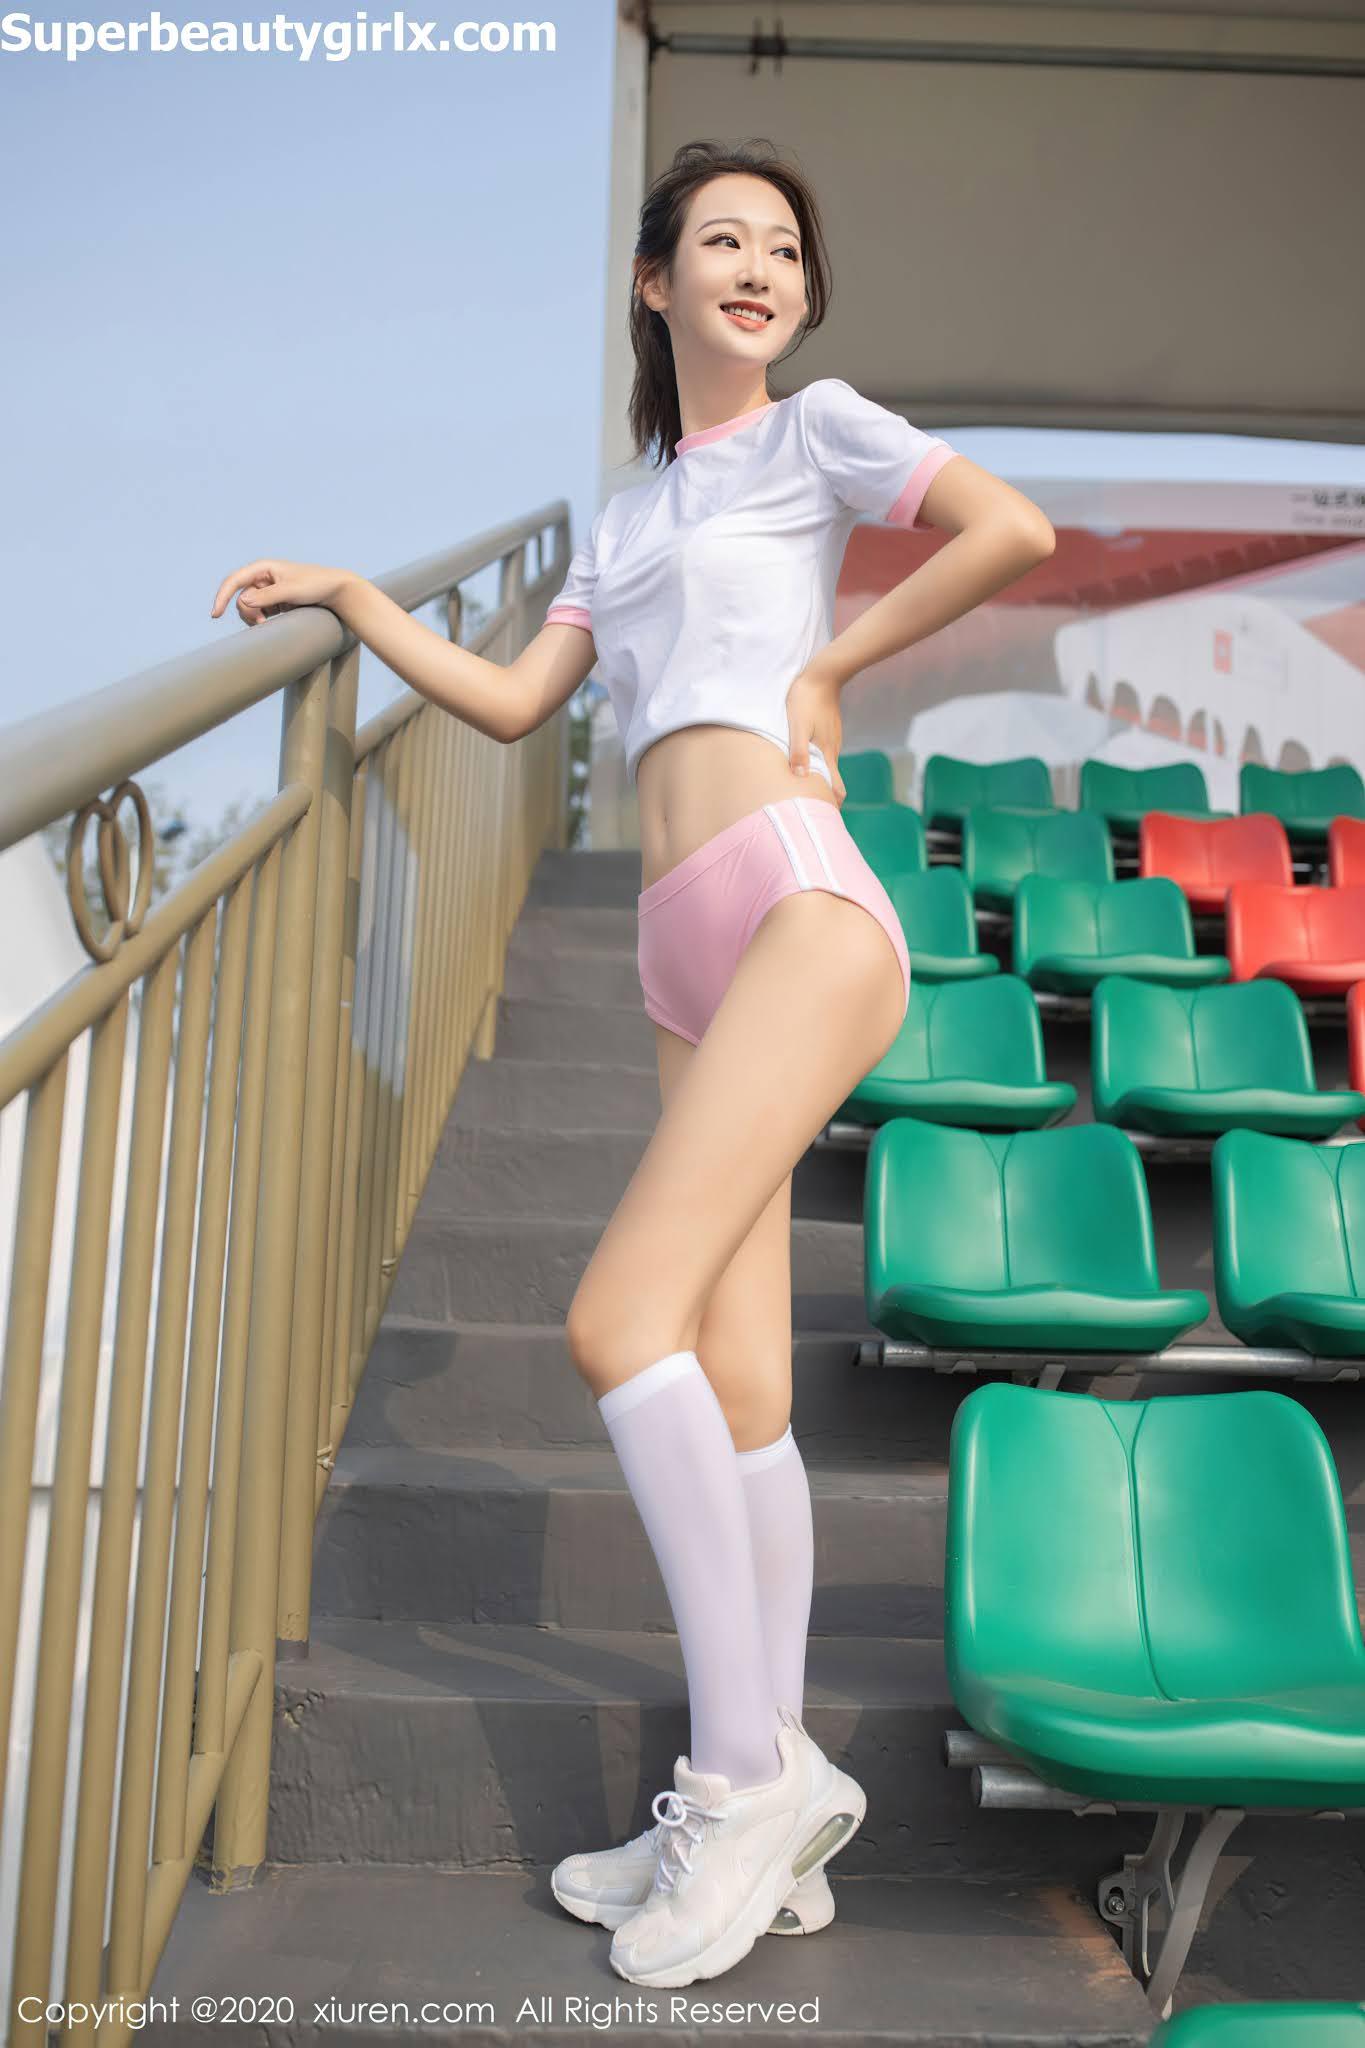 XIUREN-No.2762-Tang-An-Qi-Superbeautygirlx.com